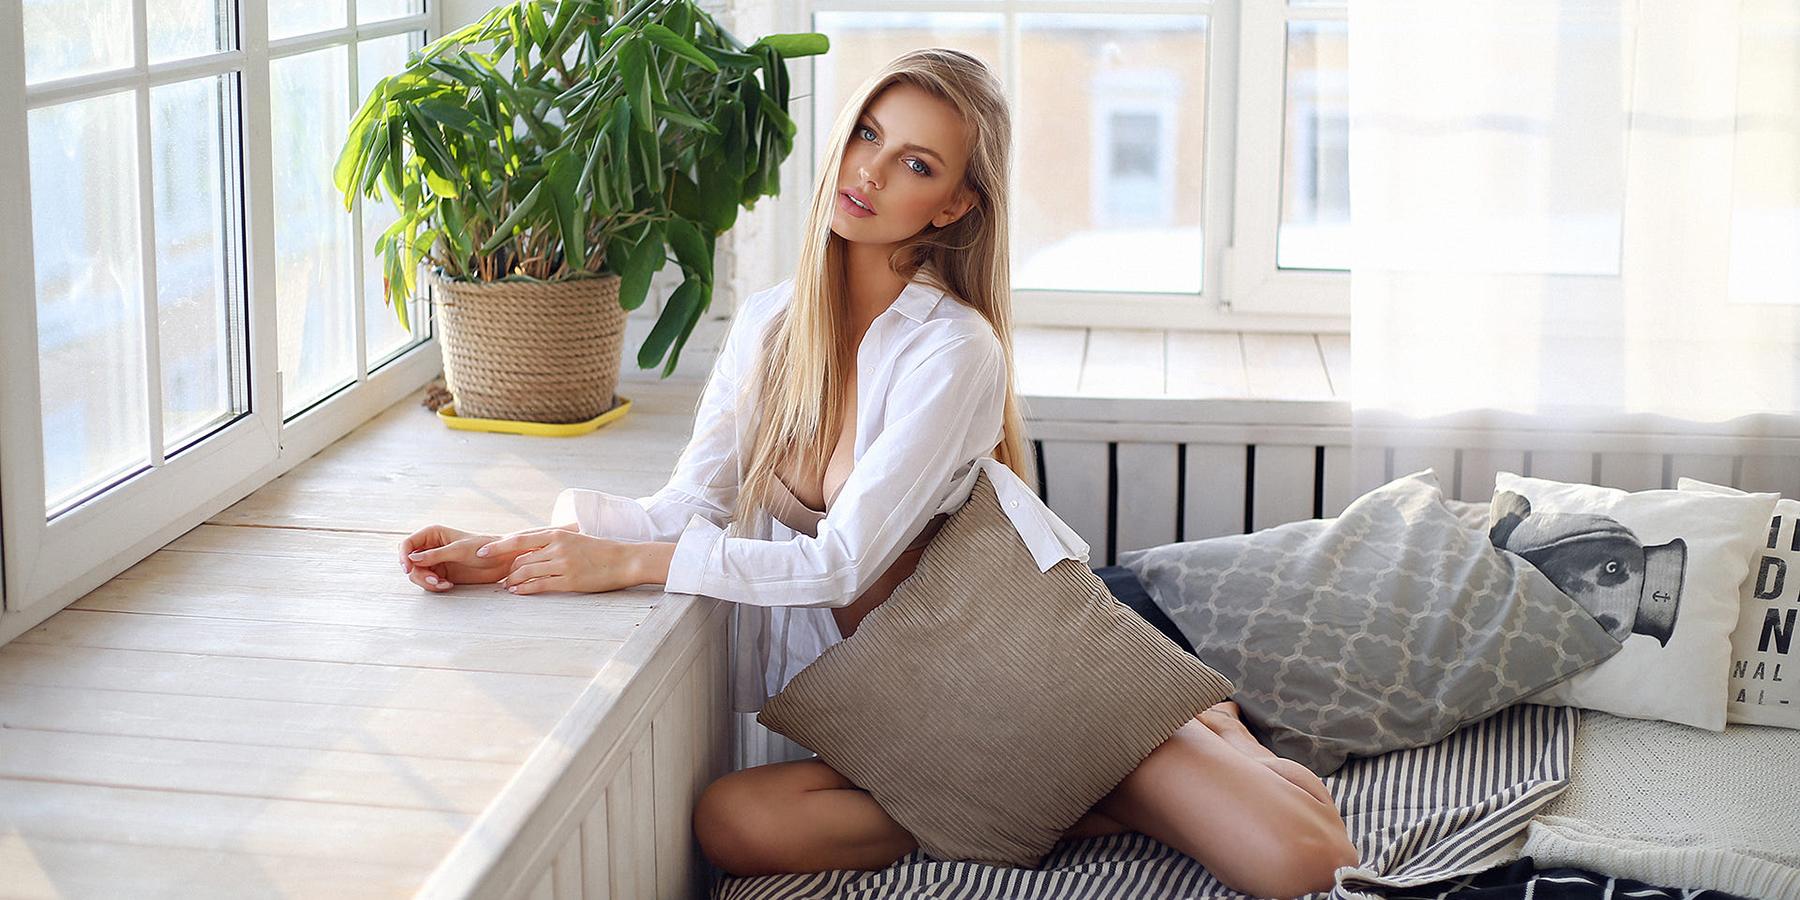 Лазерная эпиляция в Москве: как подчеркнуть свою нежность и женственность?